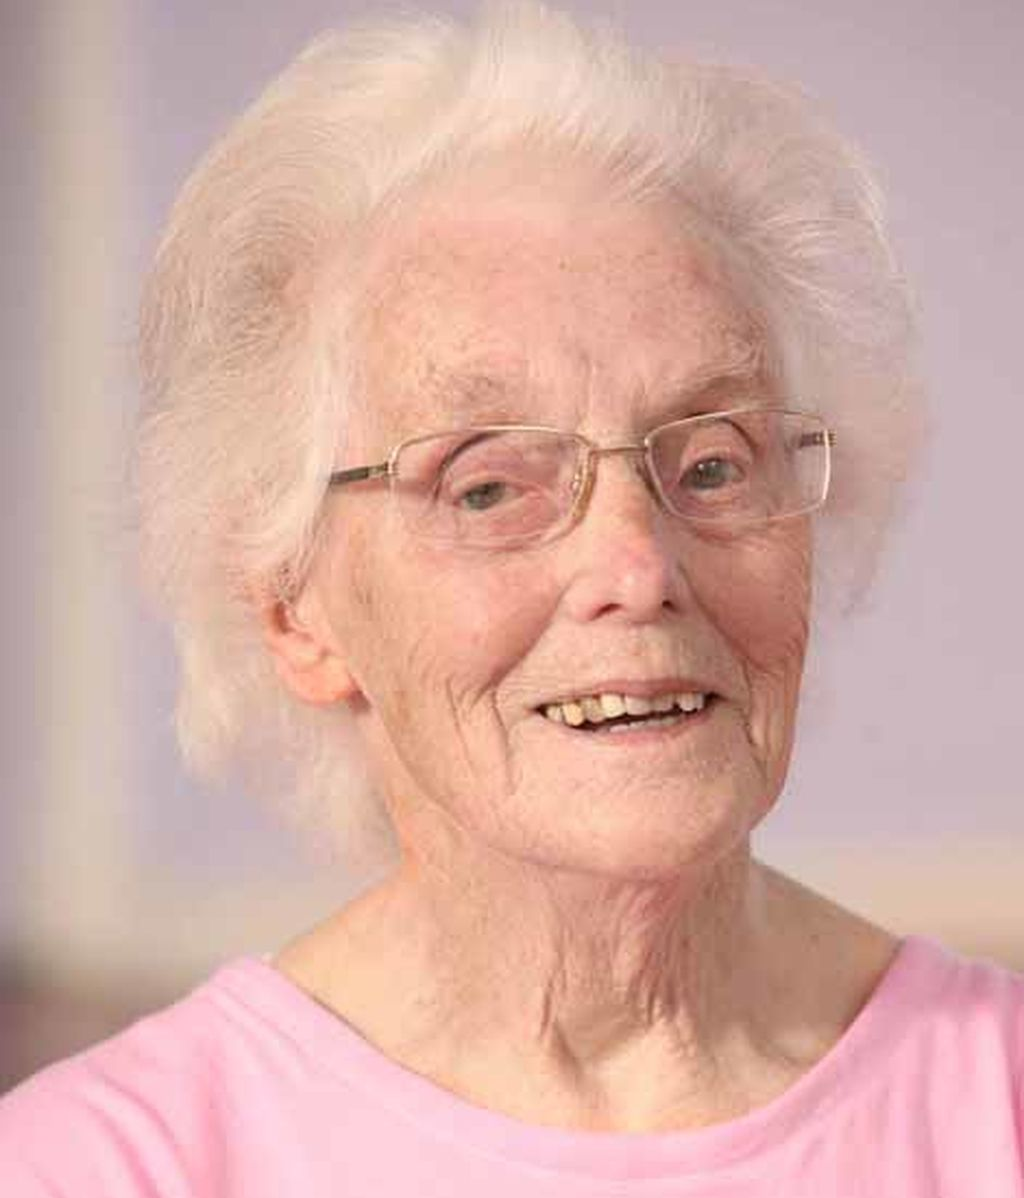 Una mujer con 98 años está completamente sana gracias a las clases de yoga